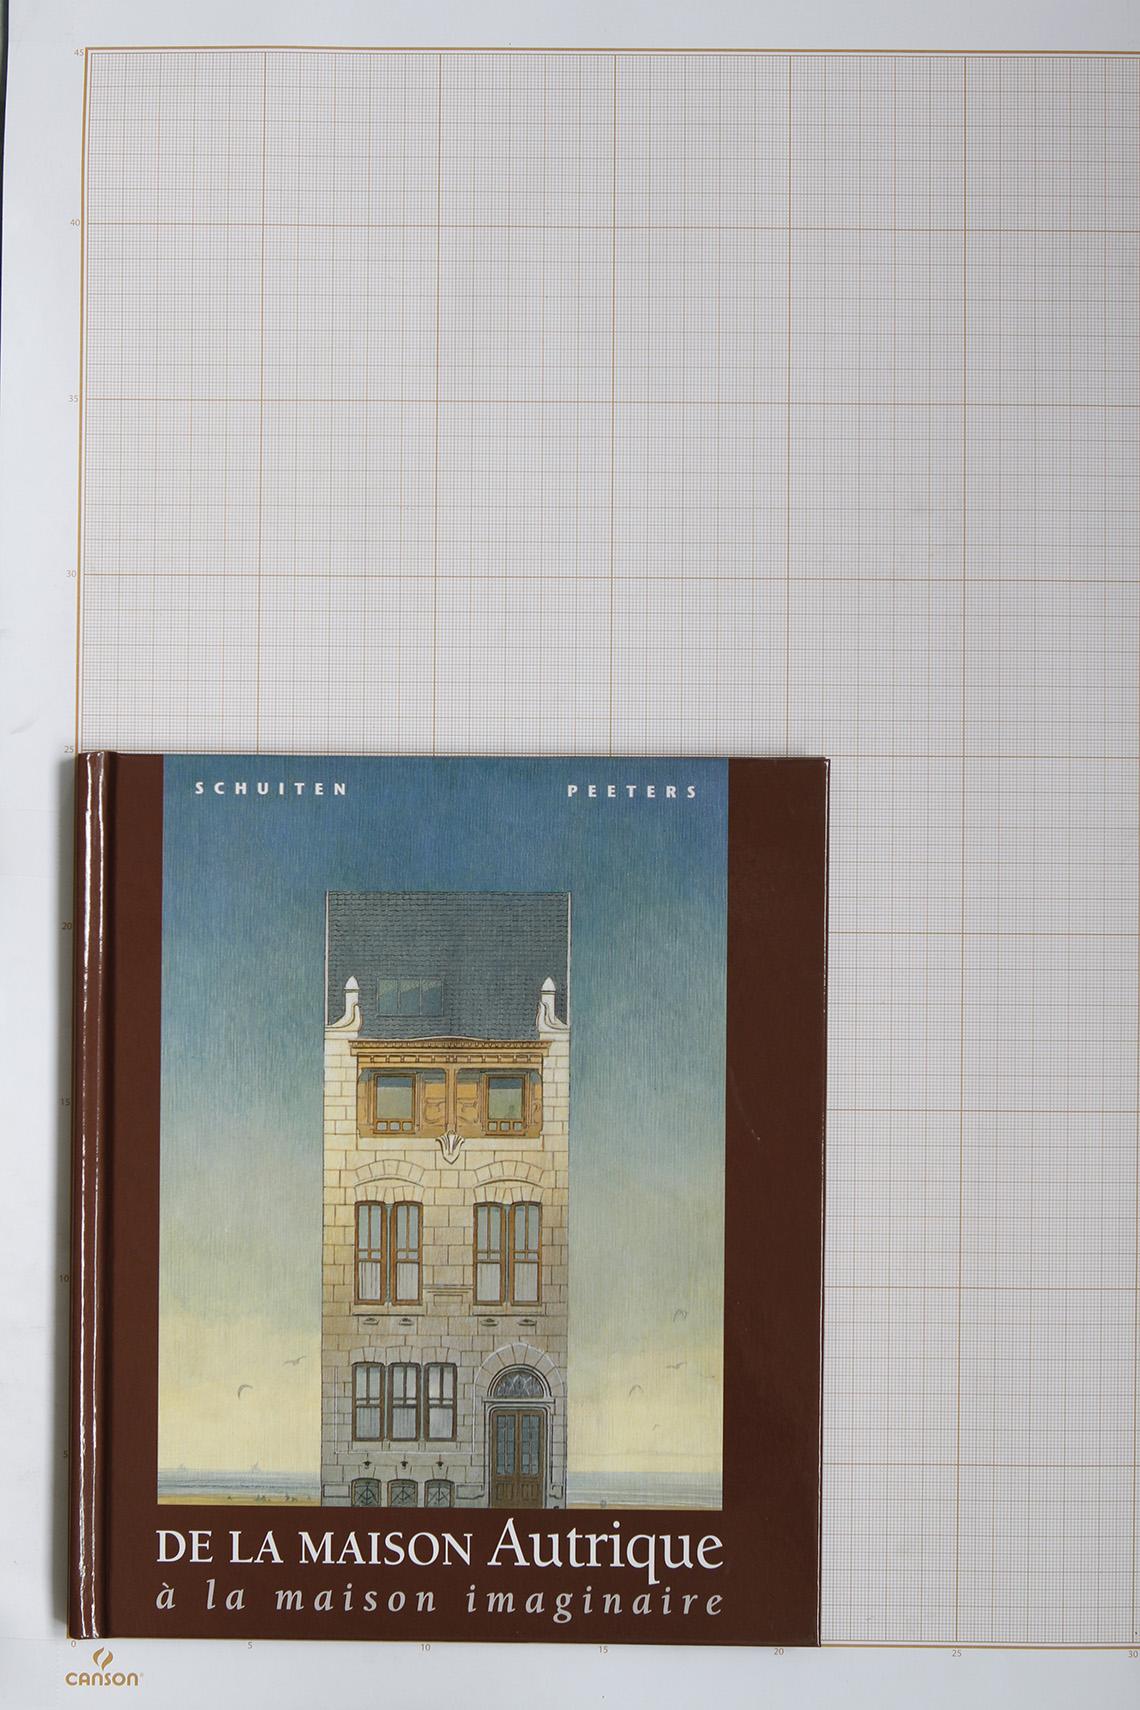 De la Maison Autrique à la maison imaginaire, F.Schuiten & B.Peeters - Les Piérides / Schuiten Copyright© Maison Autrique, 1997